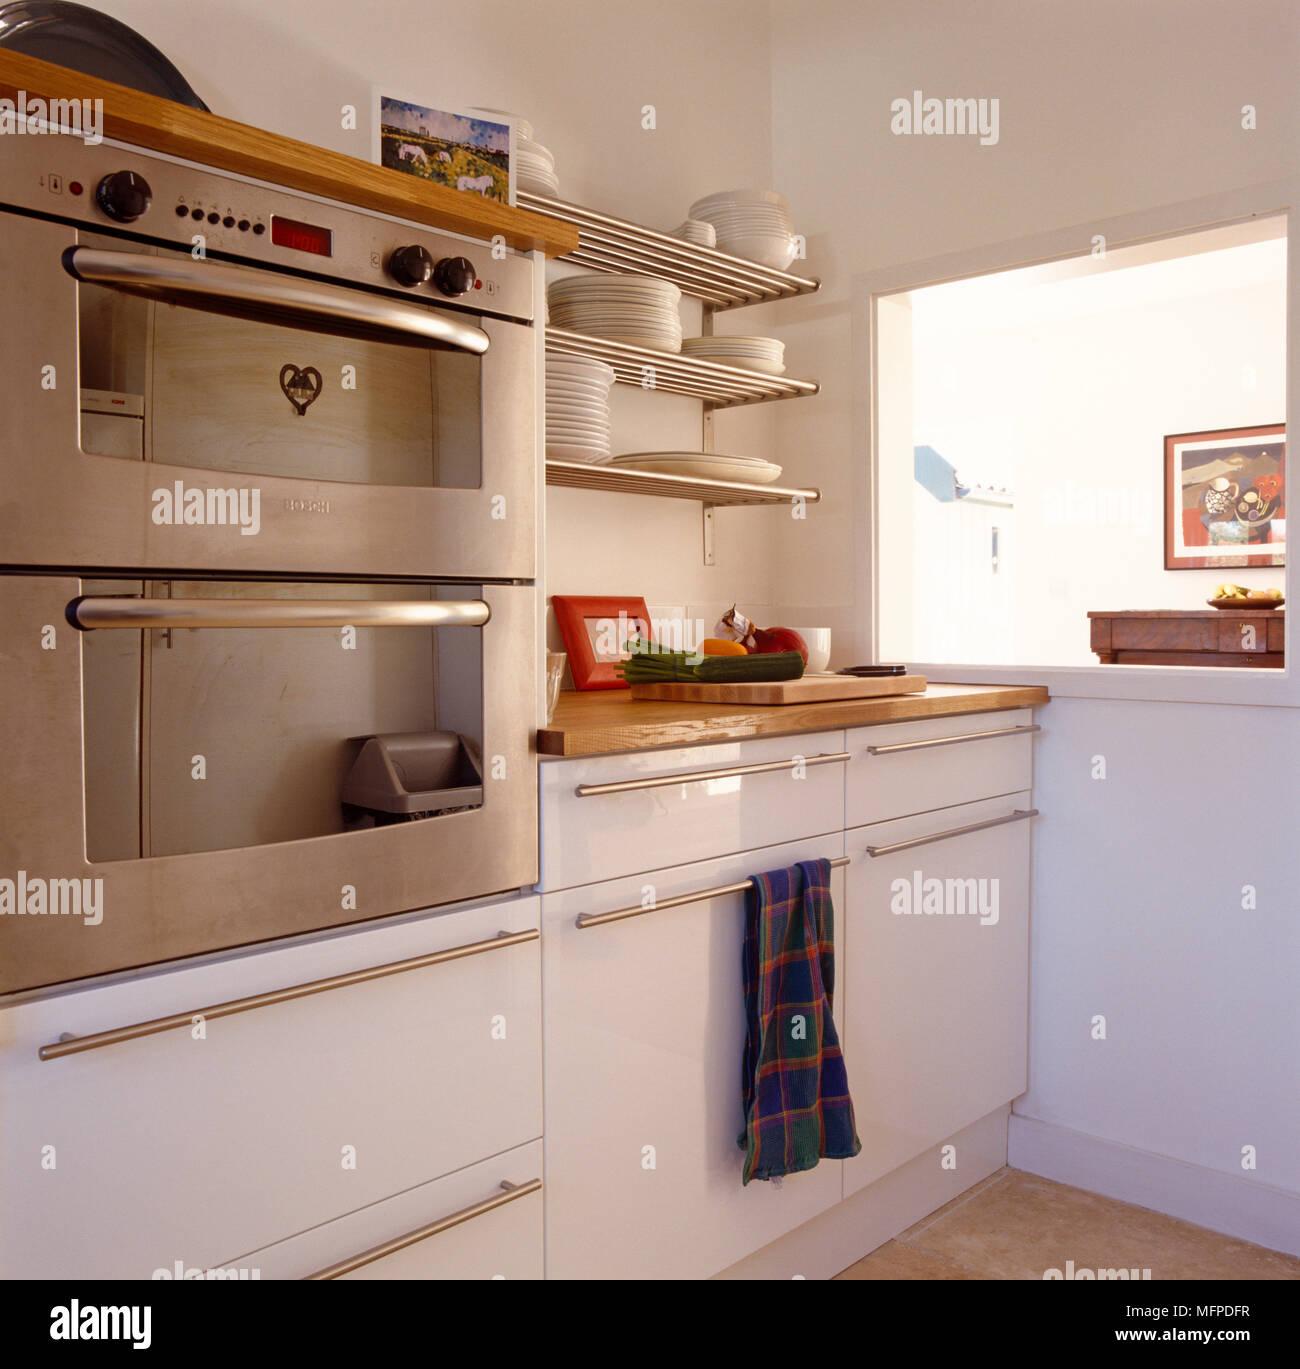 Cucina con legno e acciaio inox armadi, elettrodomestici e le ...